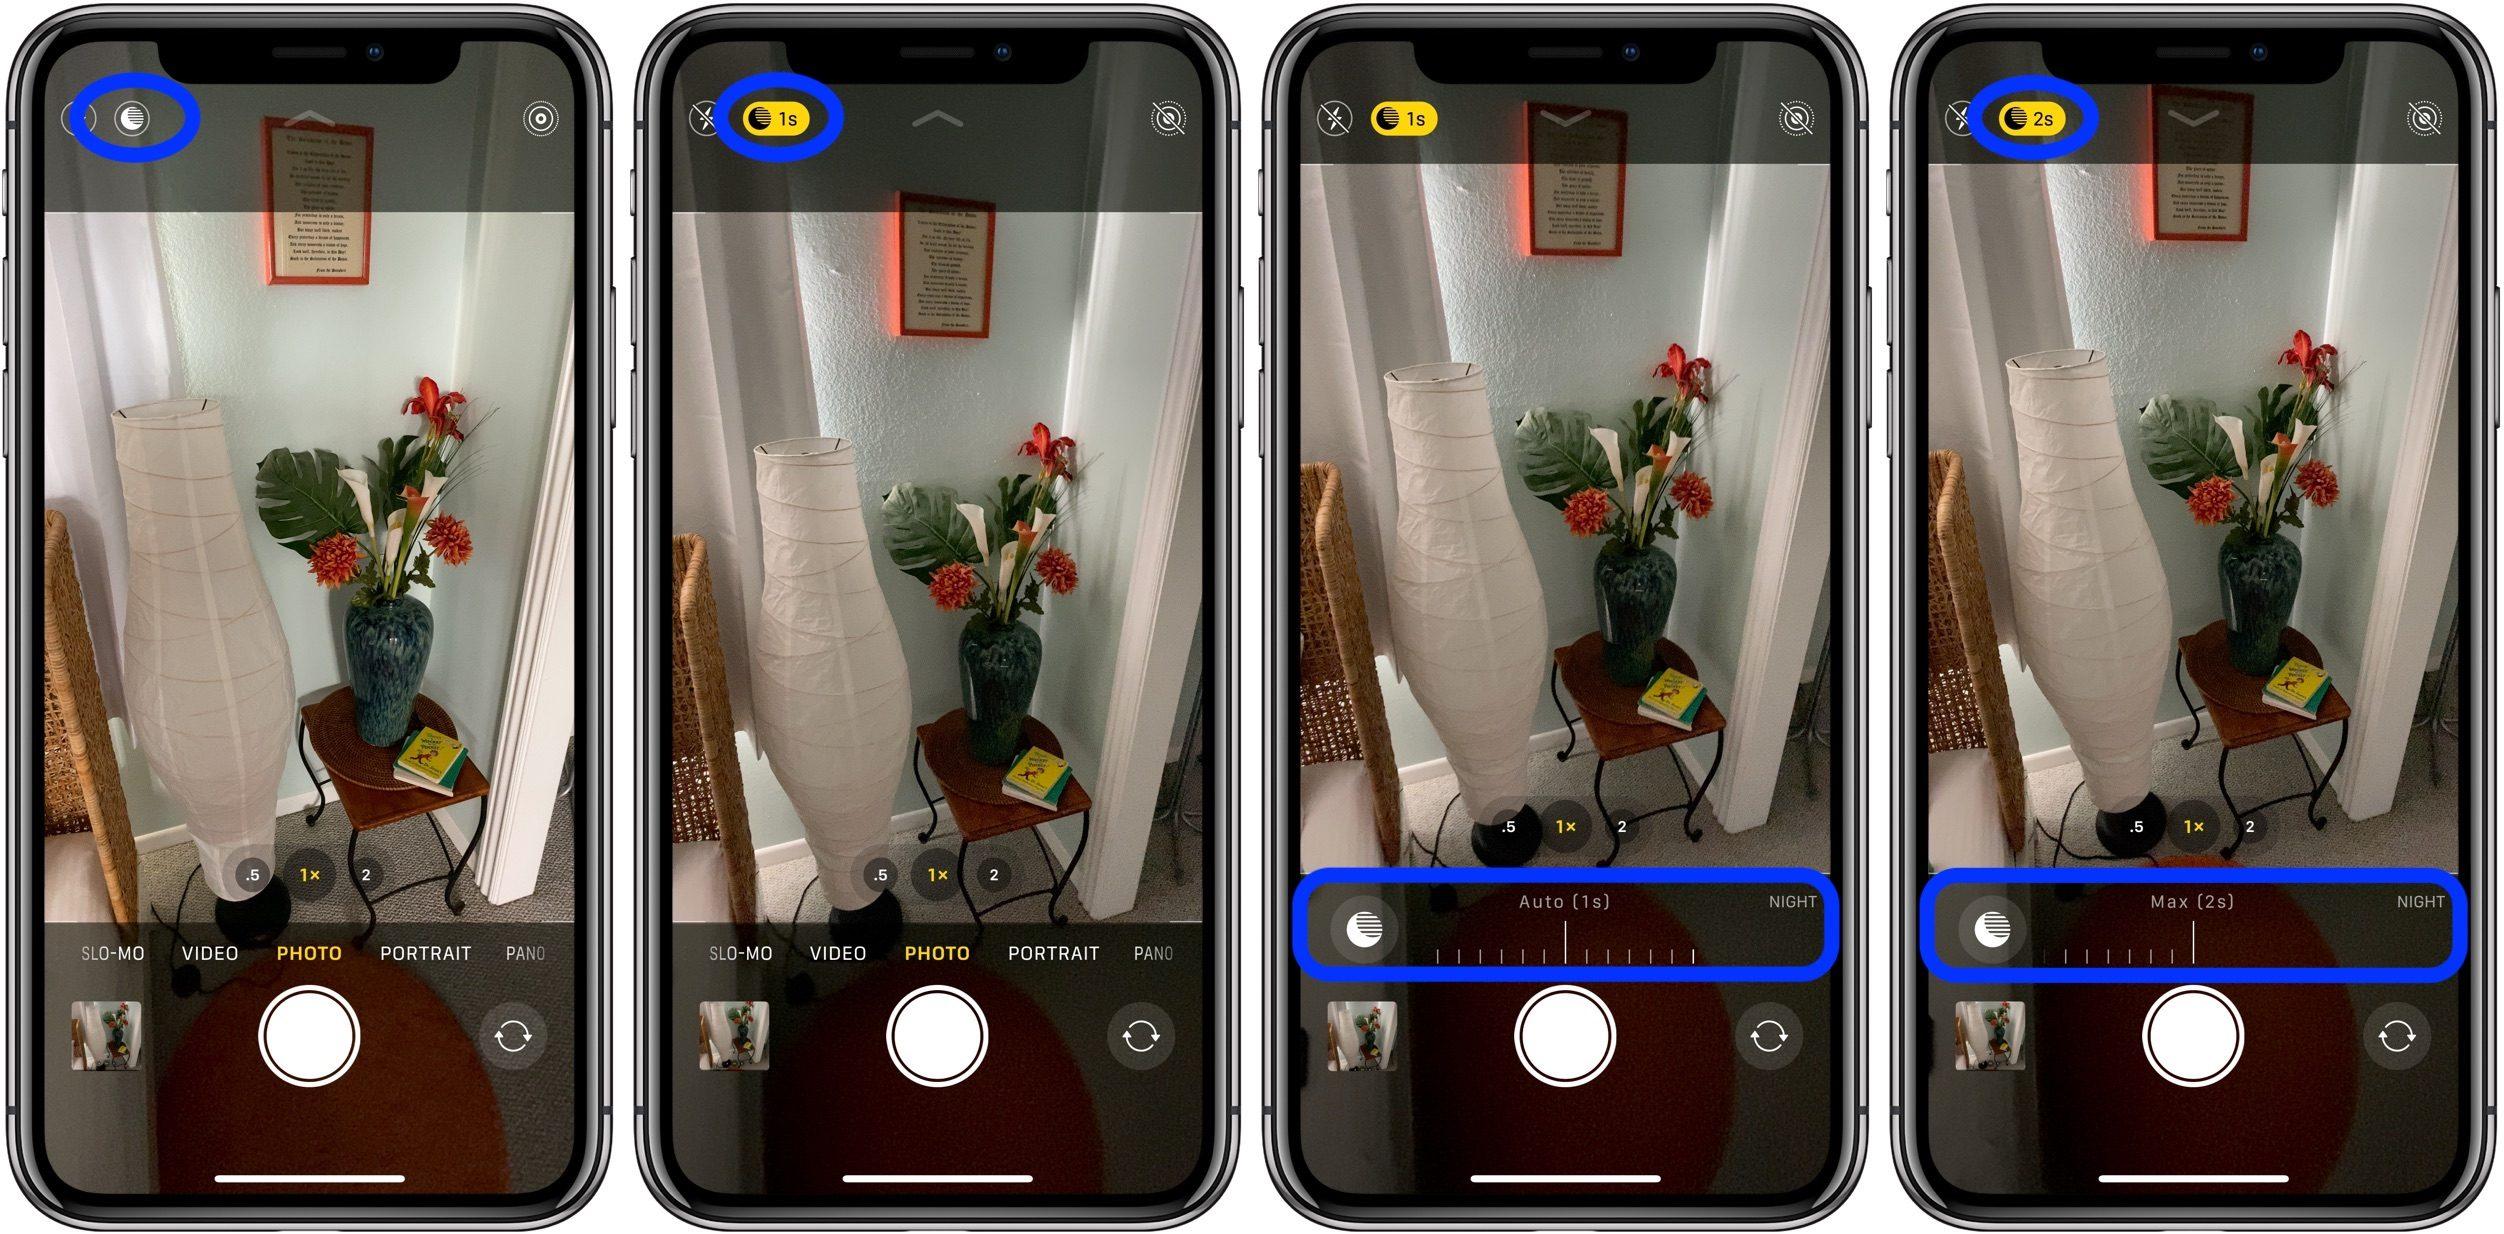 """<span href=""""https://9to5mac.com/2019/09/25/how-to-use-night-mode-iphone-11-pro/"""">Cómo utilizar el modo Noche en el iPhone el 11 y el iPhone 11 Pro</a>"""